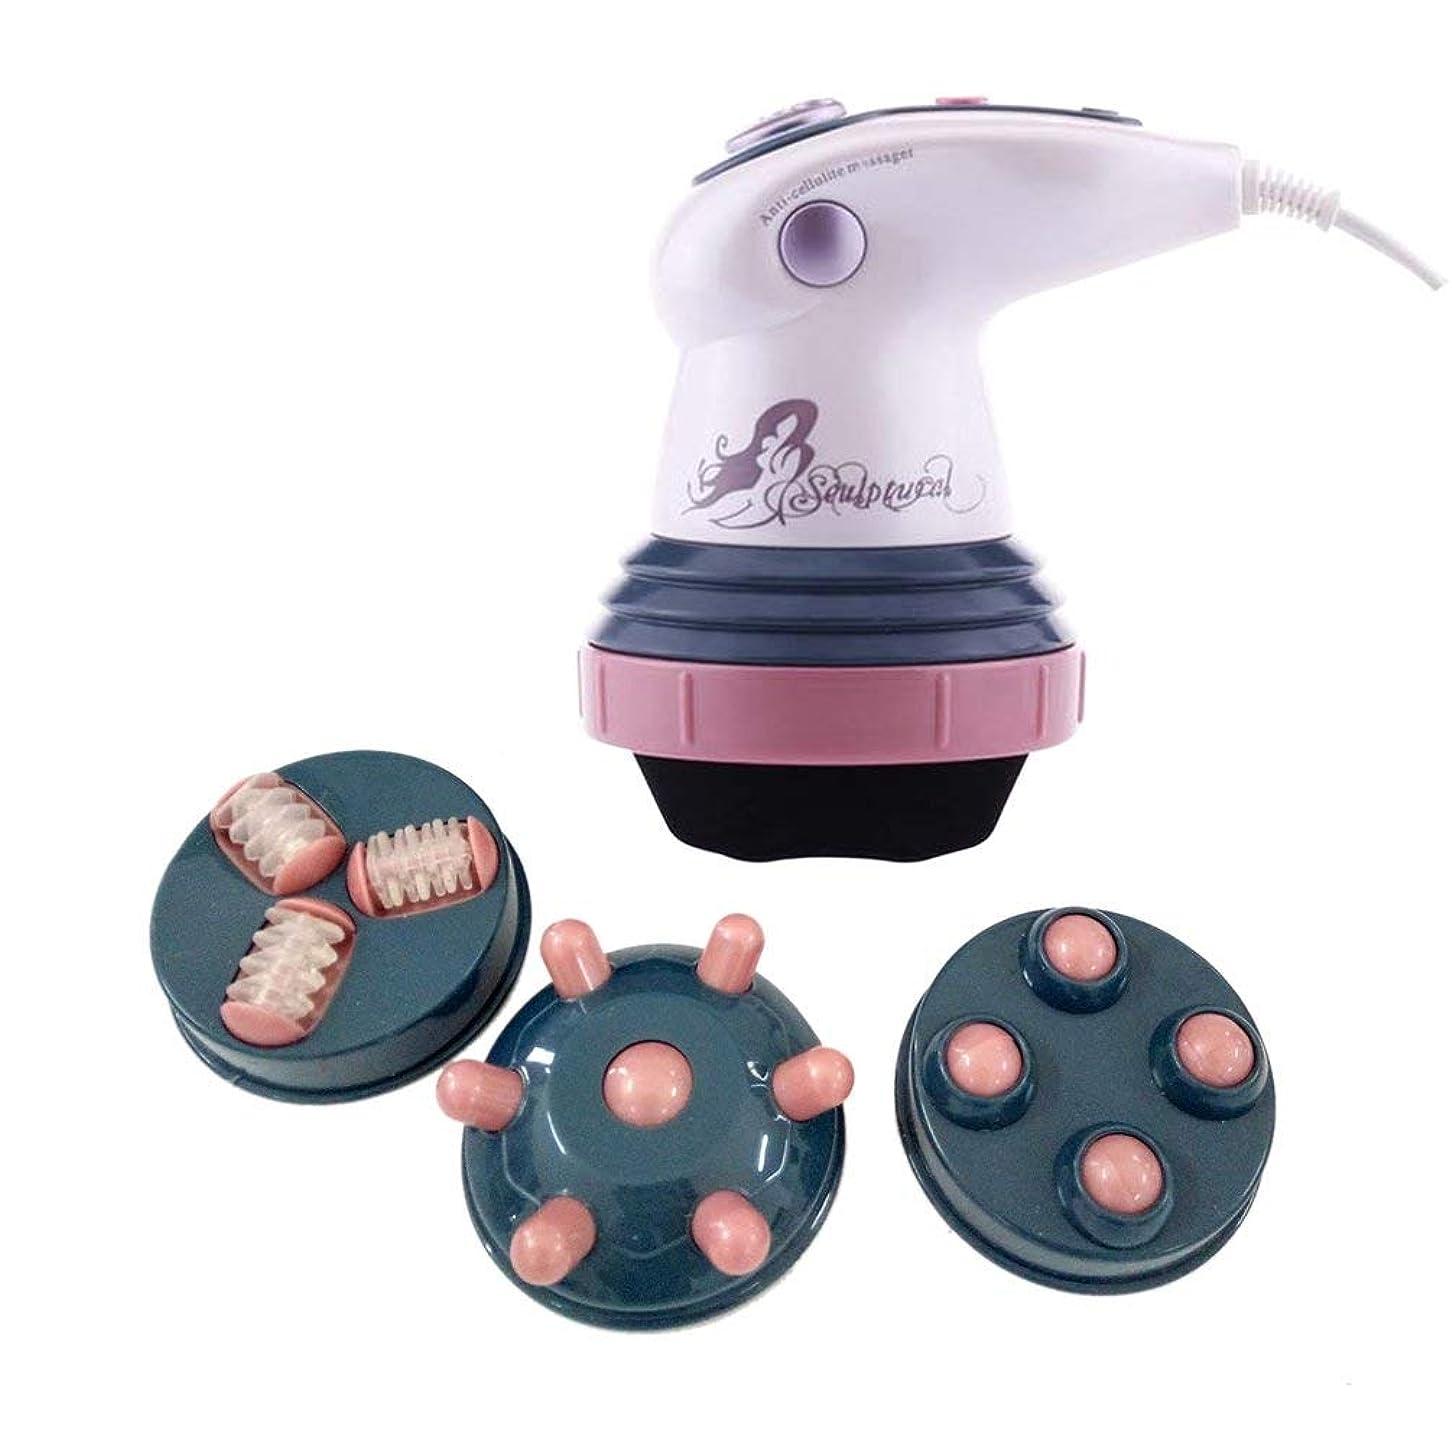 ルール相談するもっと少なく低雑音の赤外線電気脂肪燃焼はボディスリミングマッサージャー抗セルライトボディマッサージ機を削除します - ピンク